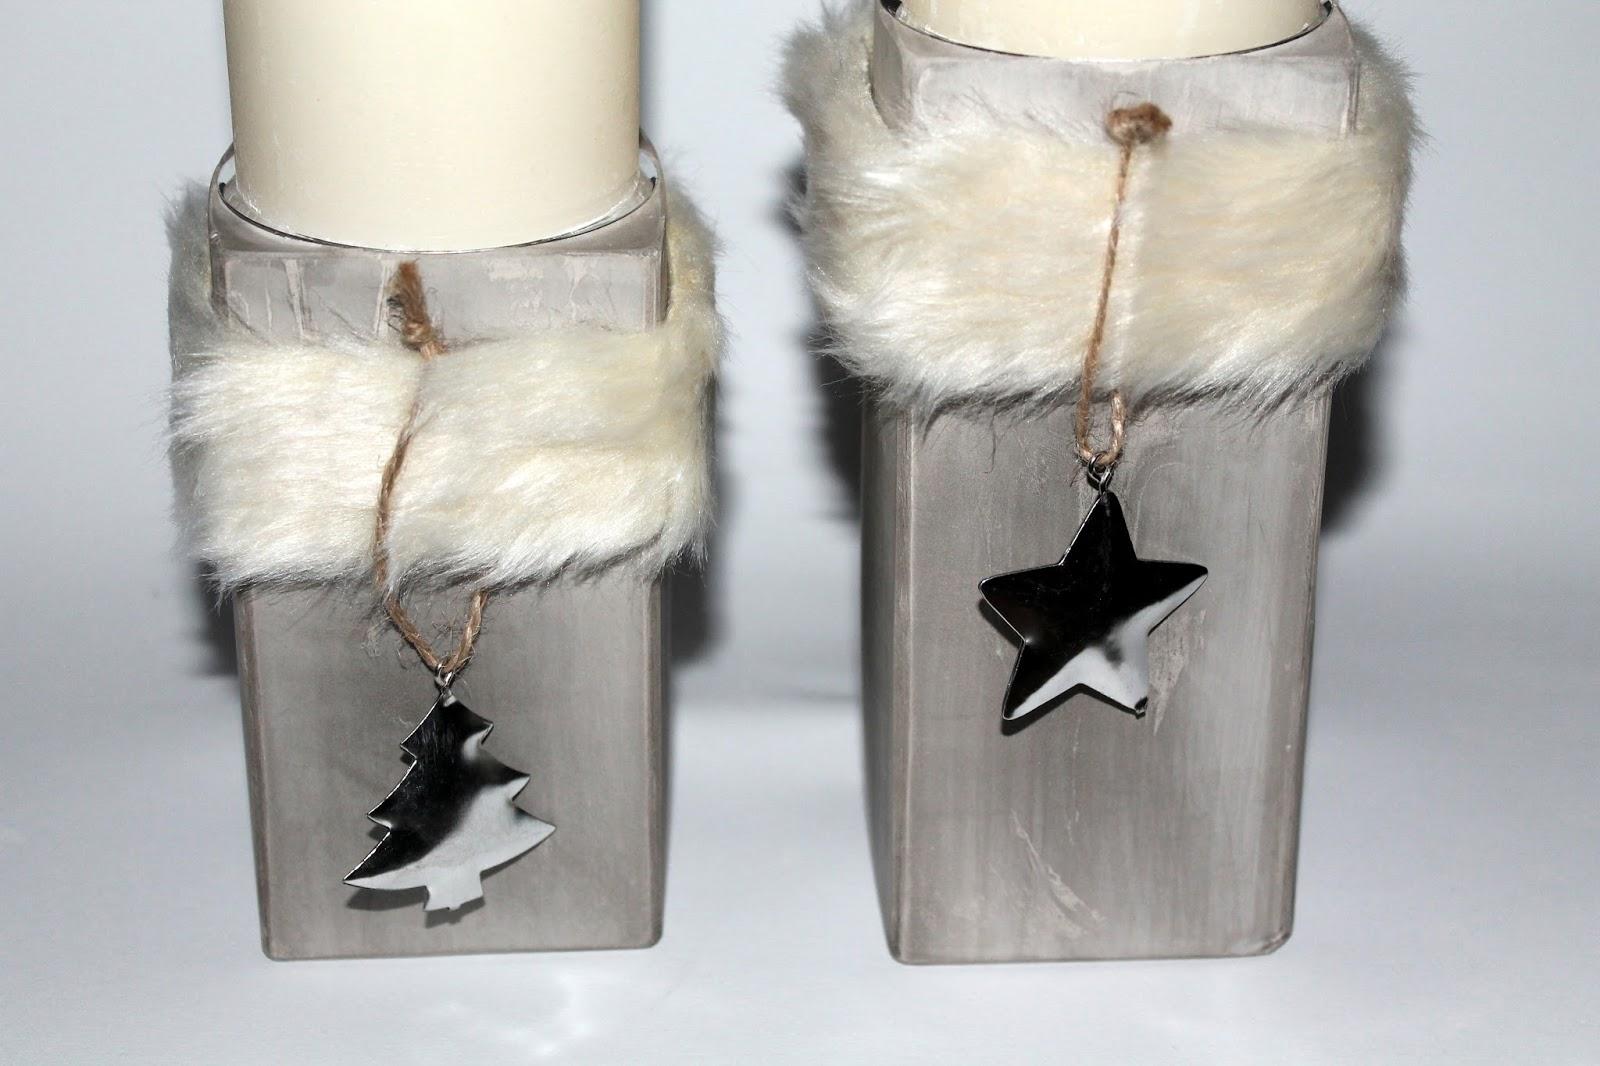 DIY, Basteln: Gips / Beton Kerzenständer als Wohndekoration Weihnachten - DIYCarinchen